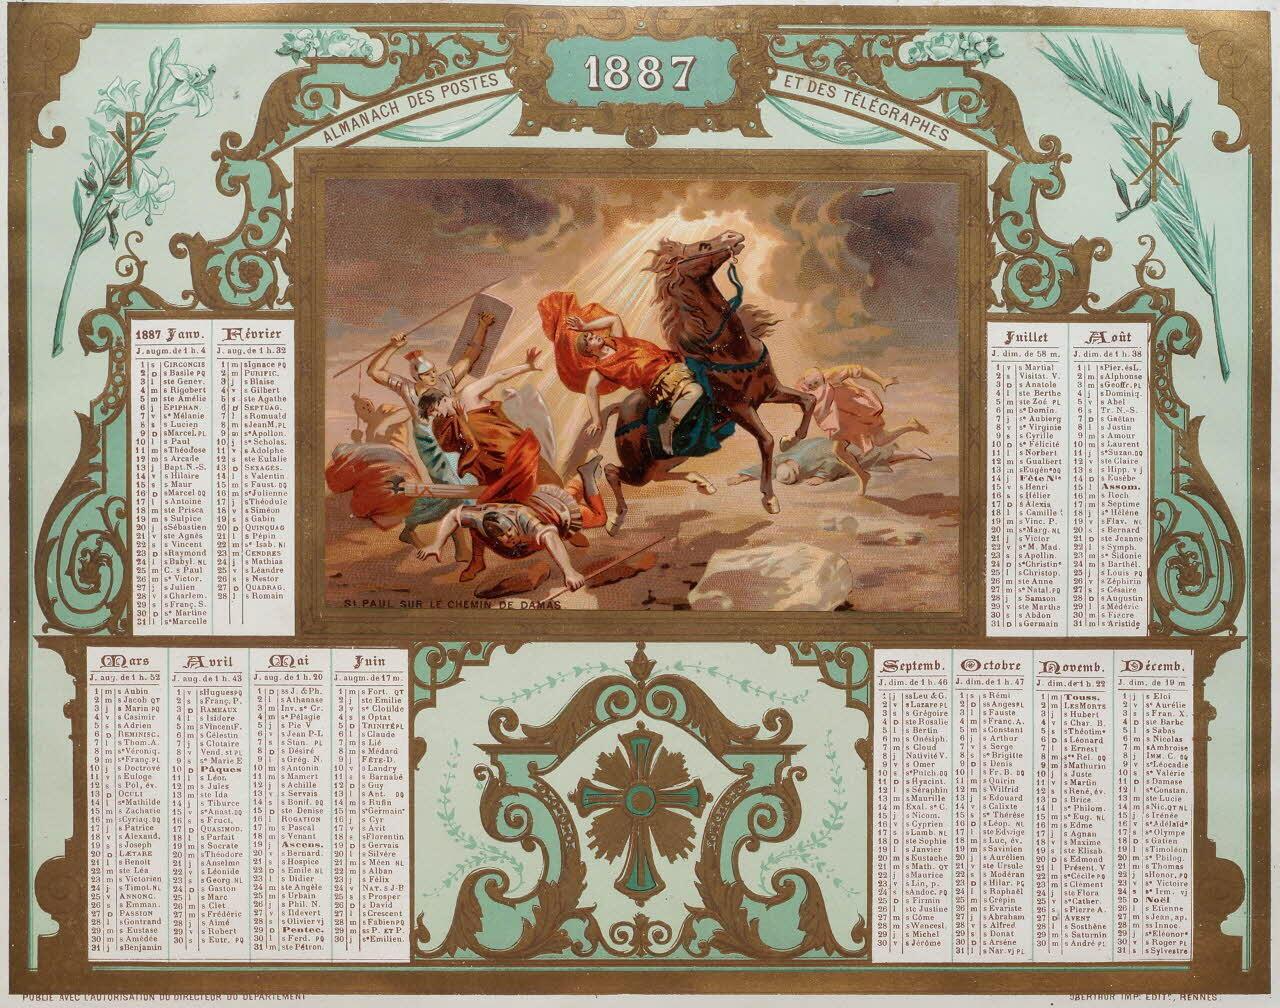 """Lịch của ngành Bưu chính Viễn thông, năm 1887, """"Thánh Paul trên đường đến Damas"""", in tại nhà in  Oberthür."""